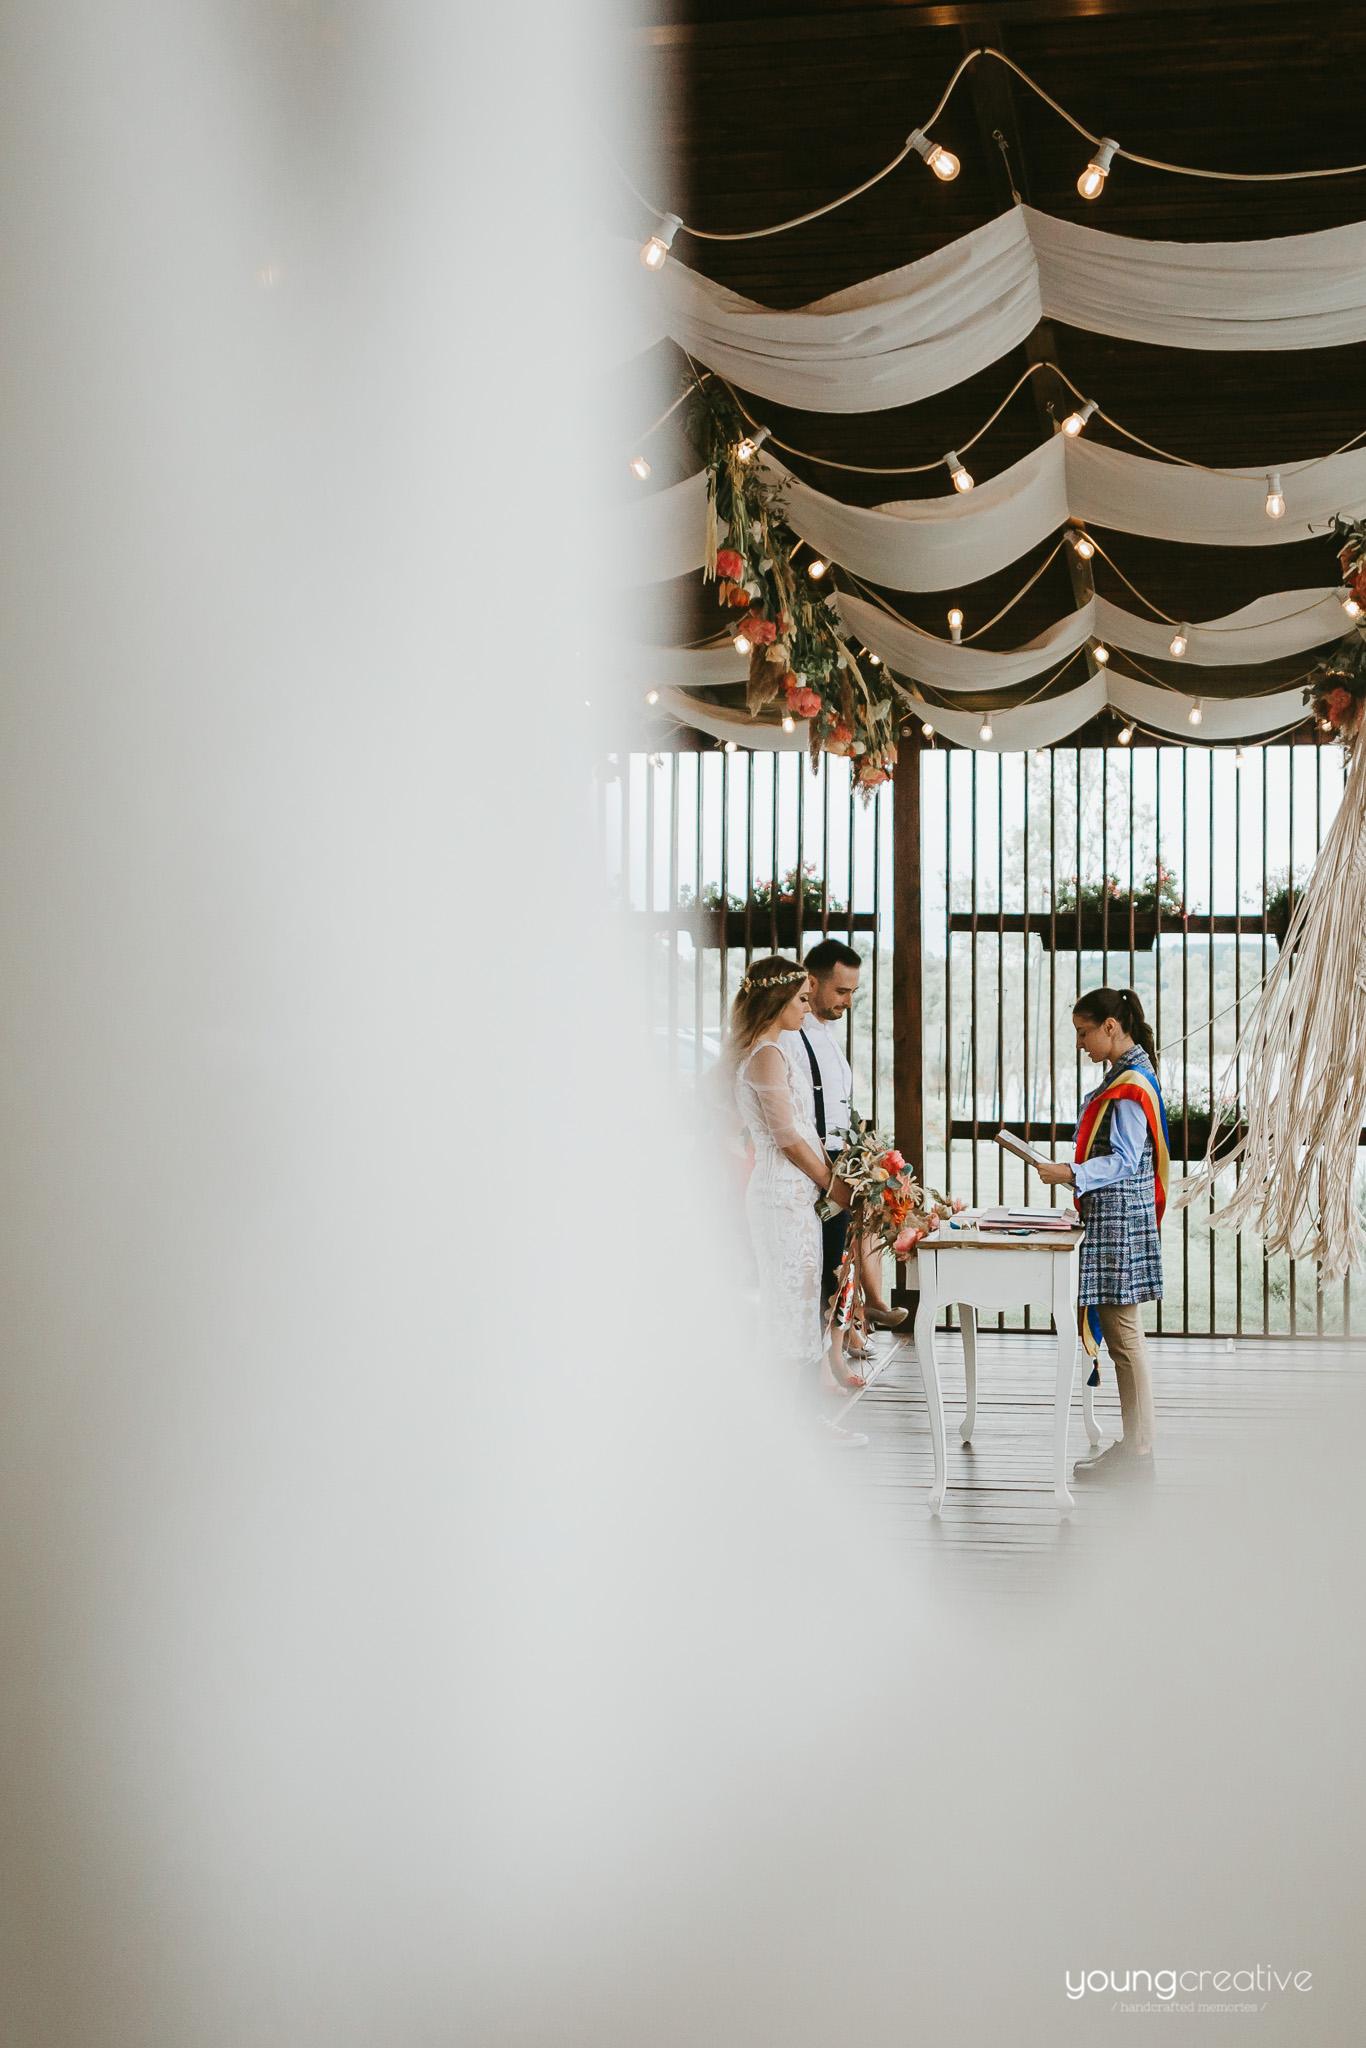 Cristina & Tudor | youngcreative.info media © Dan Filipciuc, Cristina Bejan | fotografie nunta Iasi